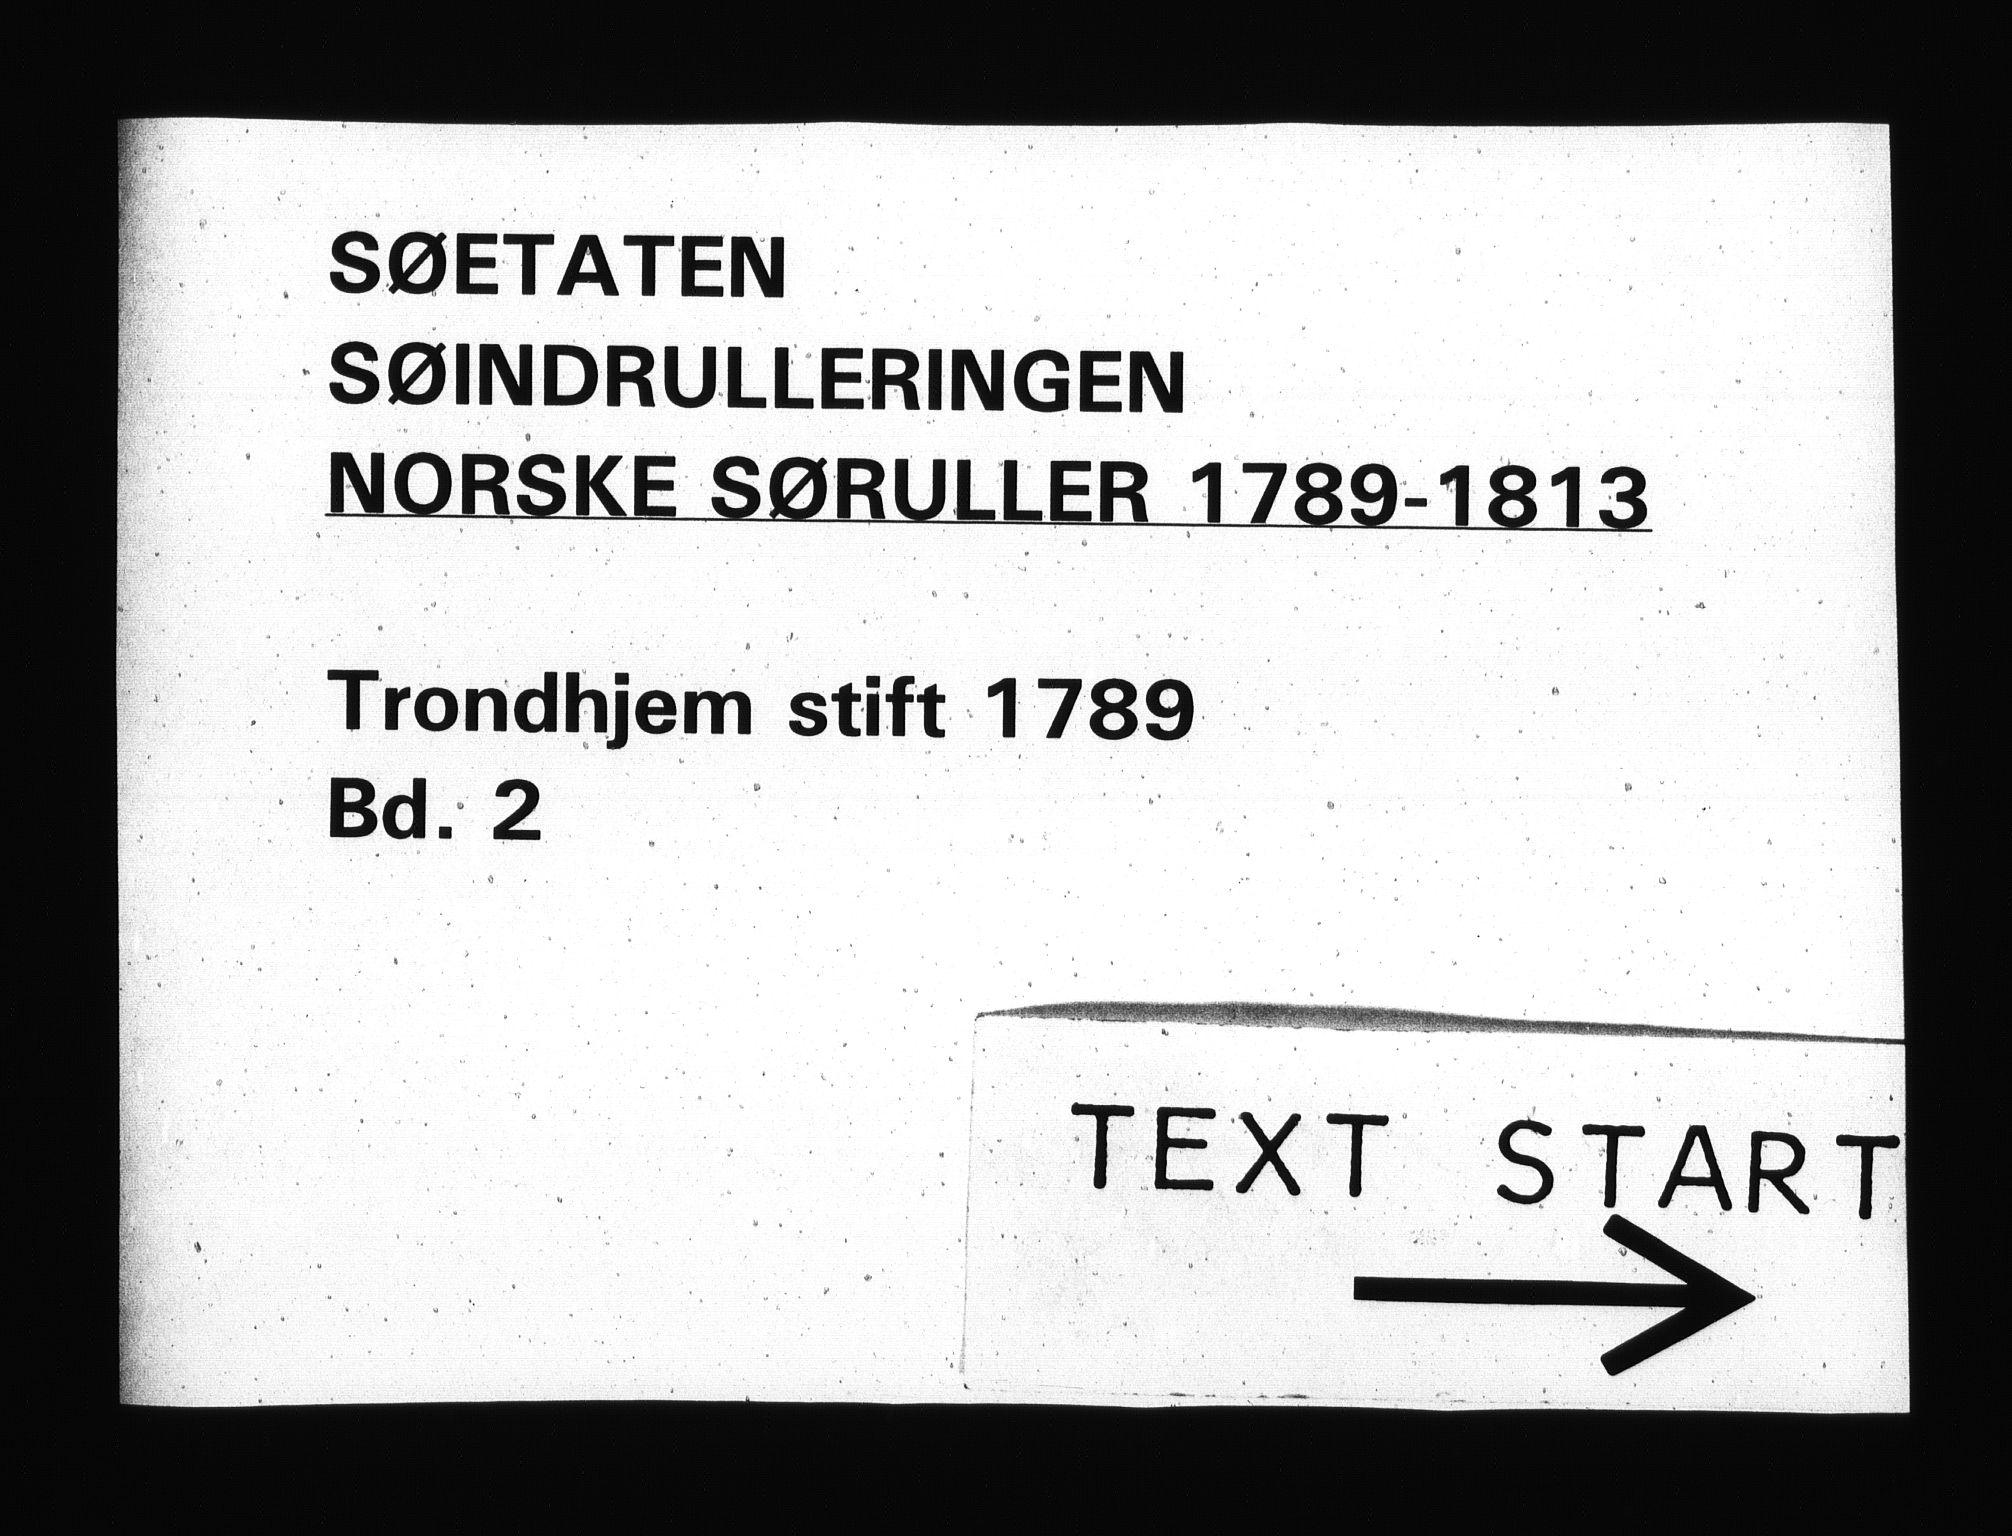 RA, Sjøetaten, F/L0307: Trondheim stift, bind 2, 1789